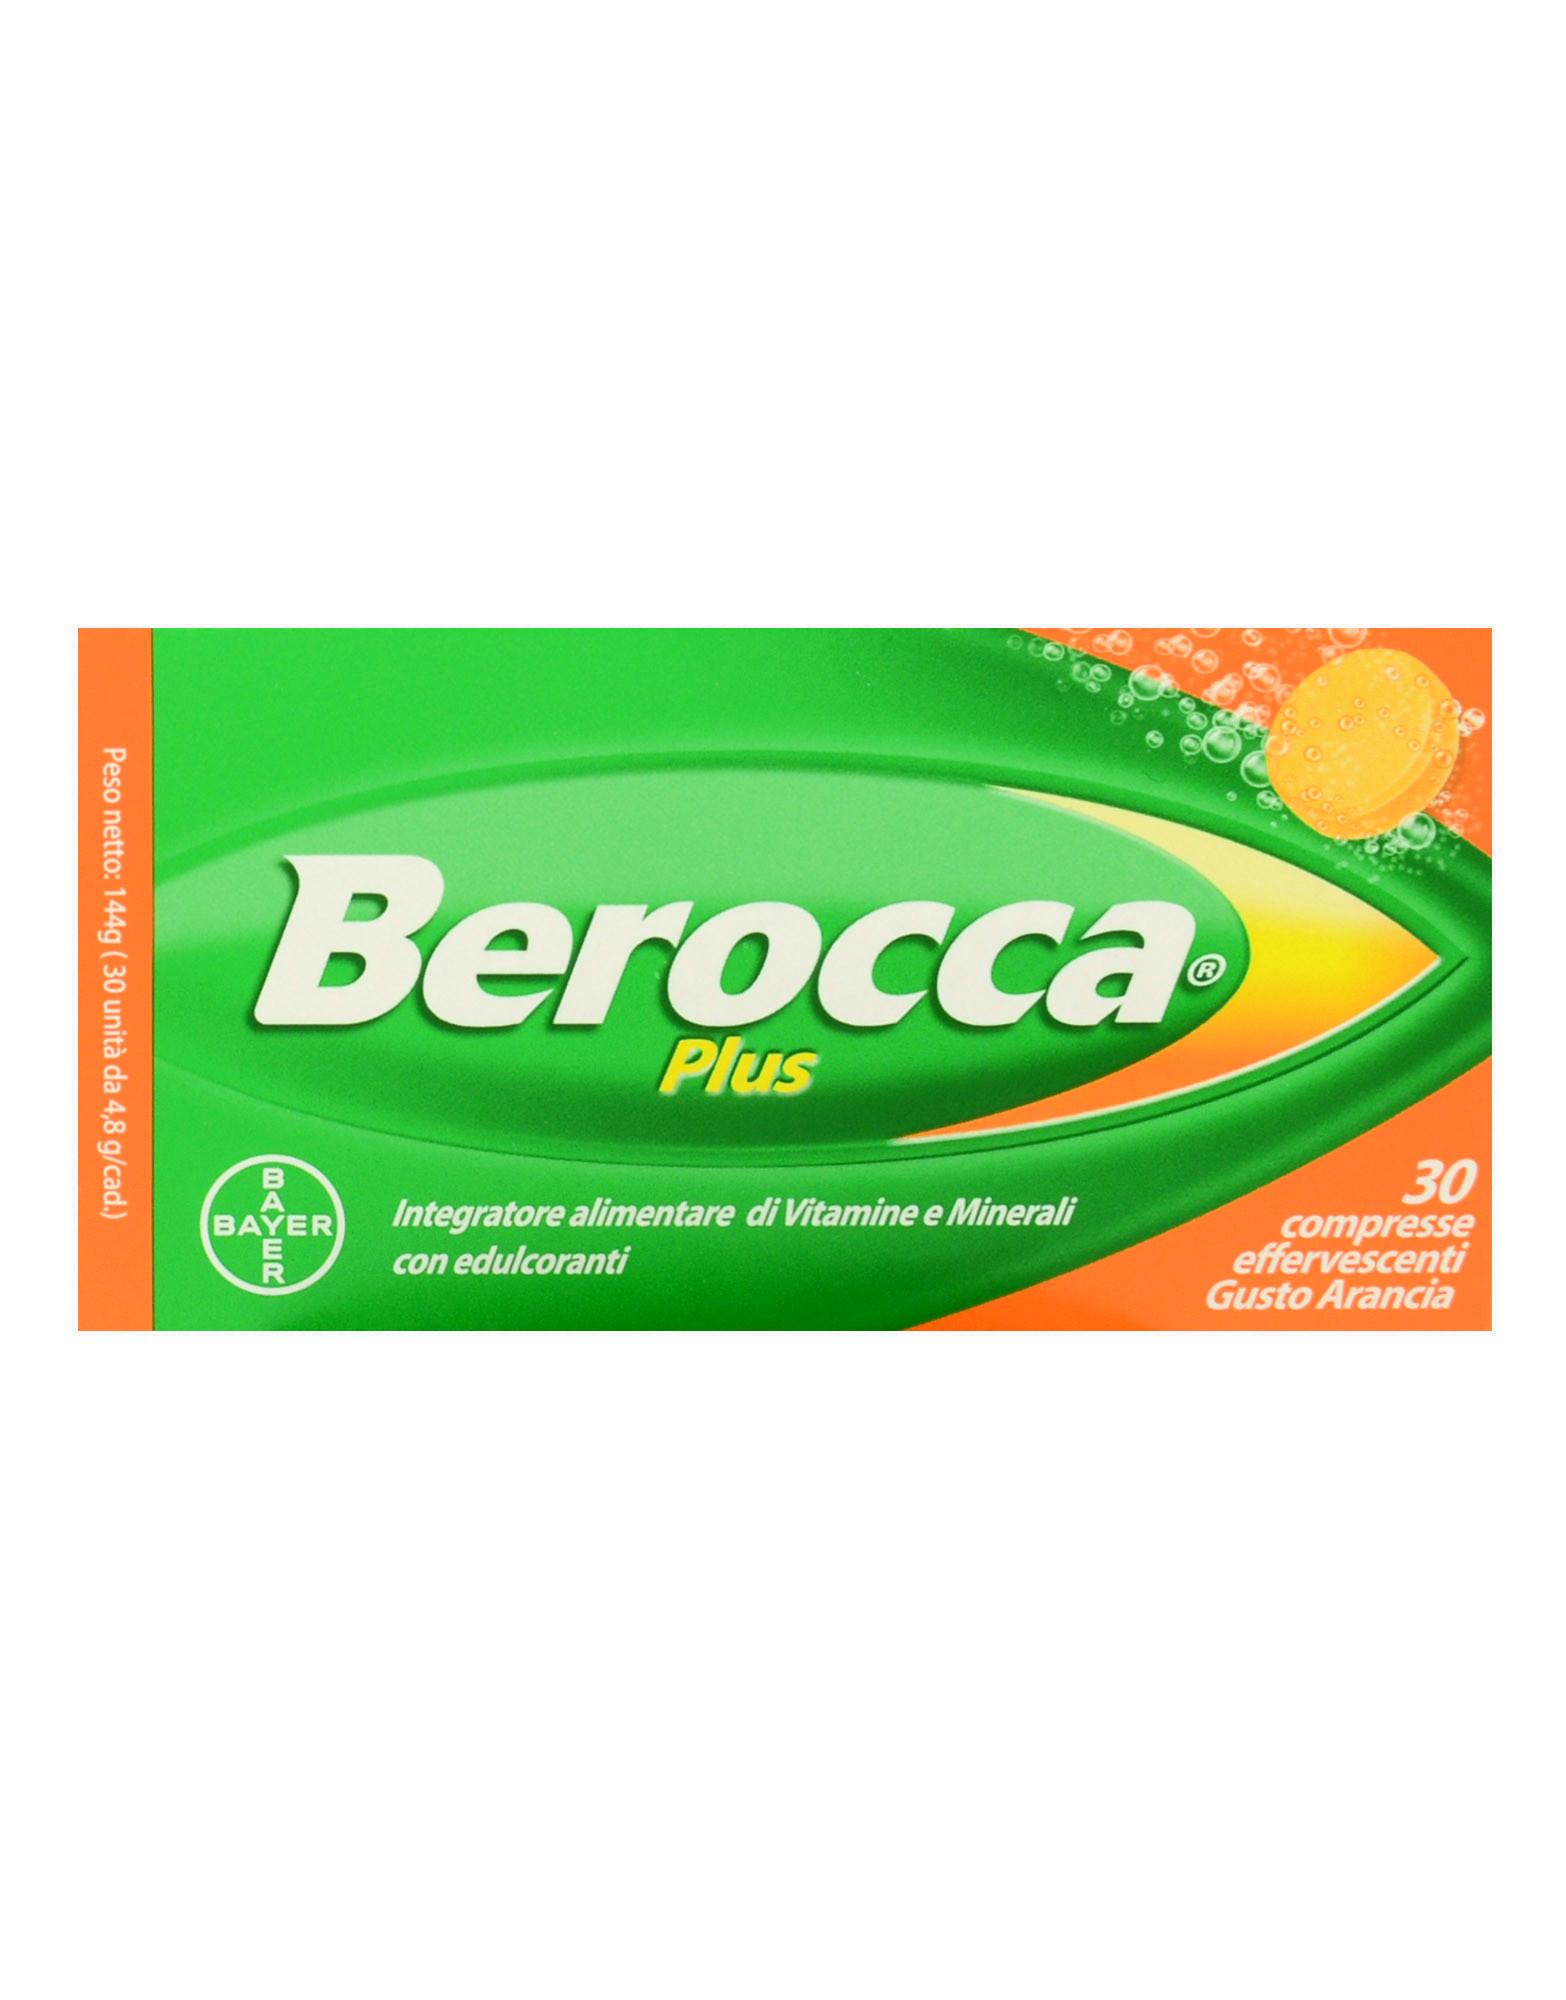 92018a101c5267 Berocca Plus por BAYER (30 comprimidos efervescentes)